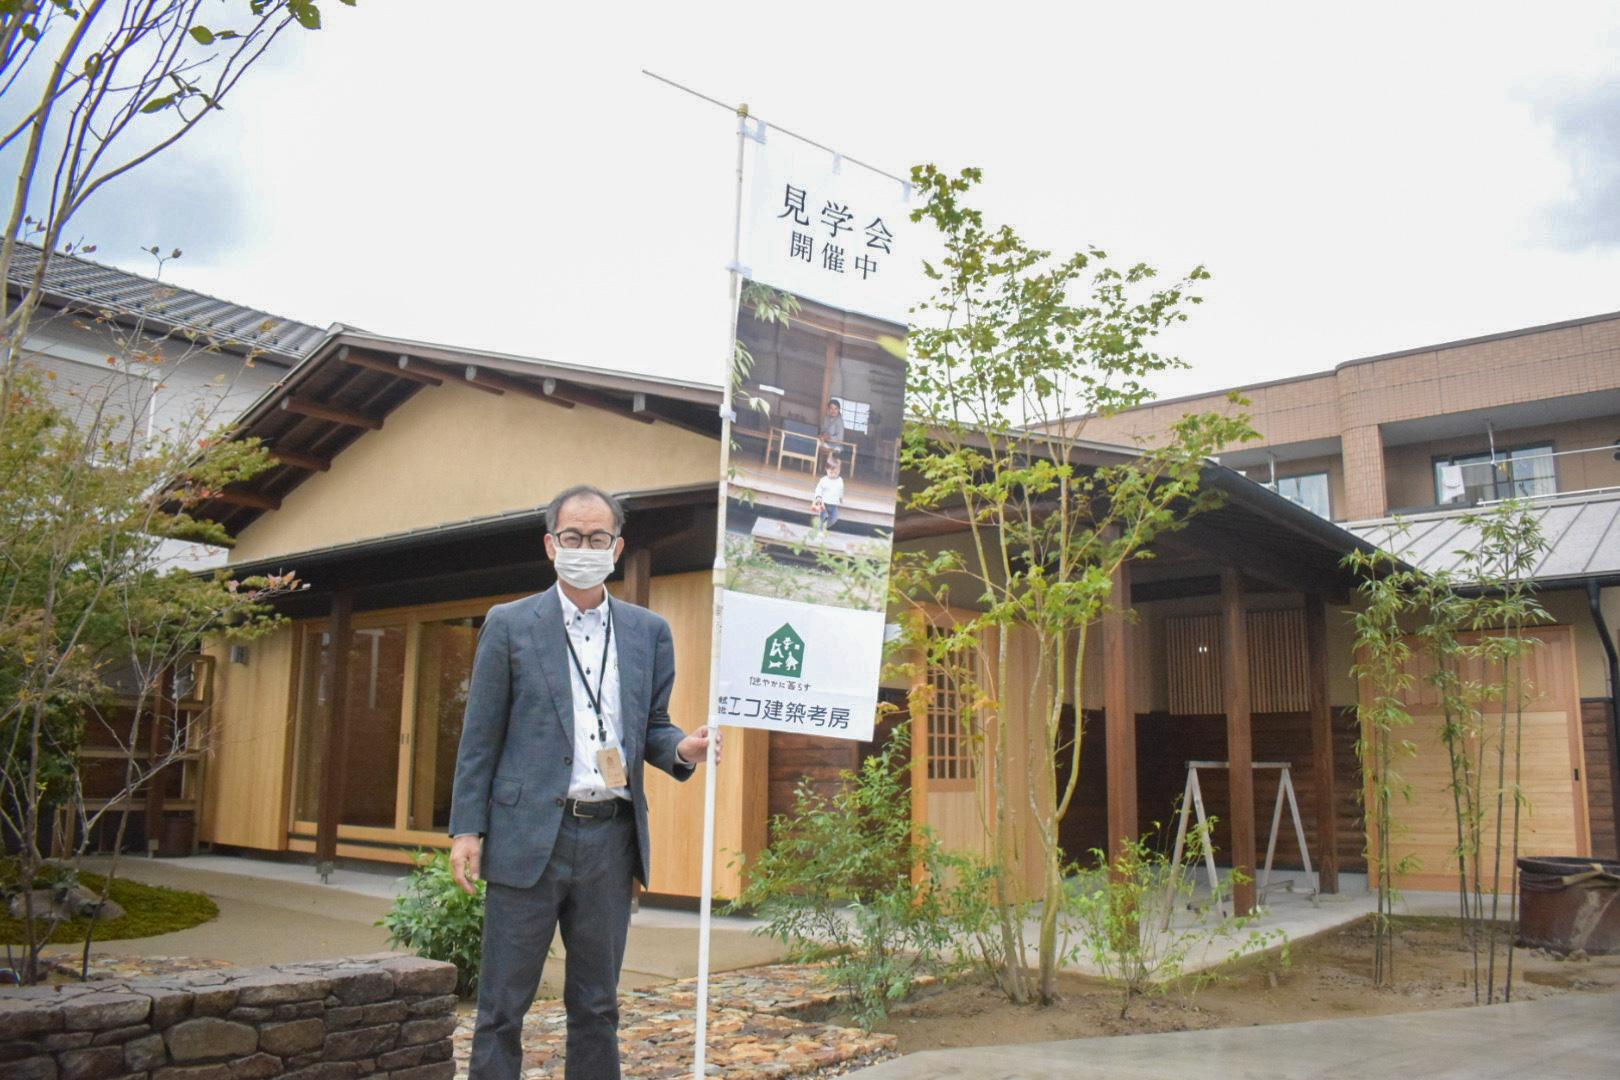 【ここんの家】ここんの家と江口さん